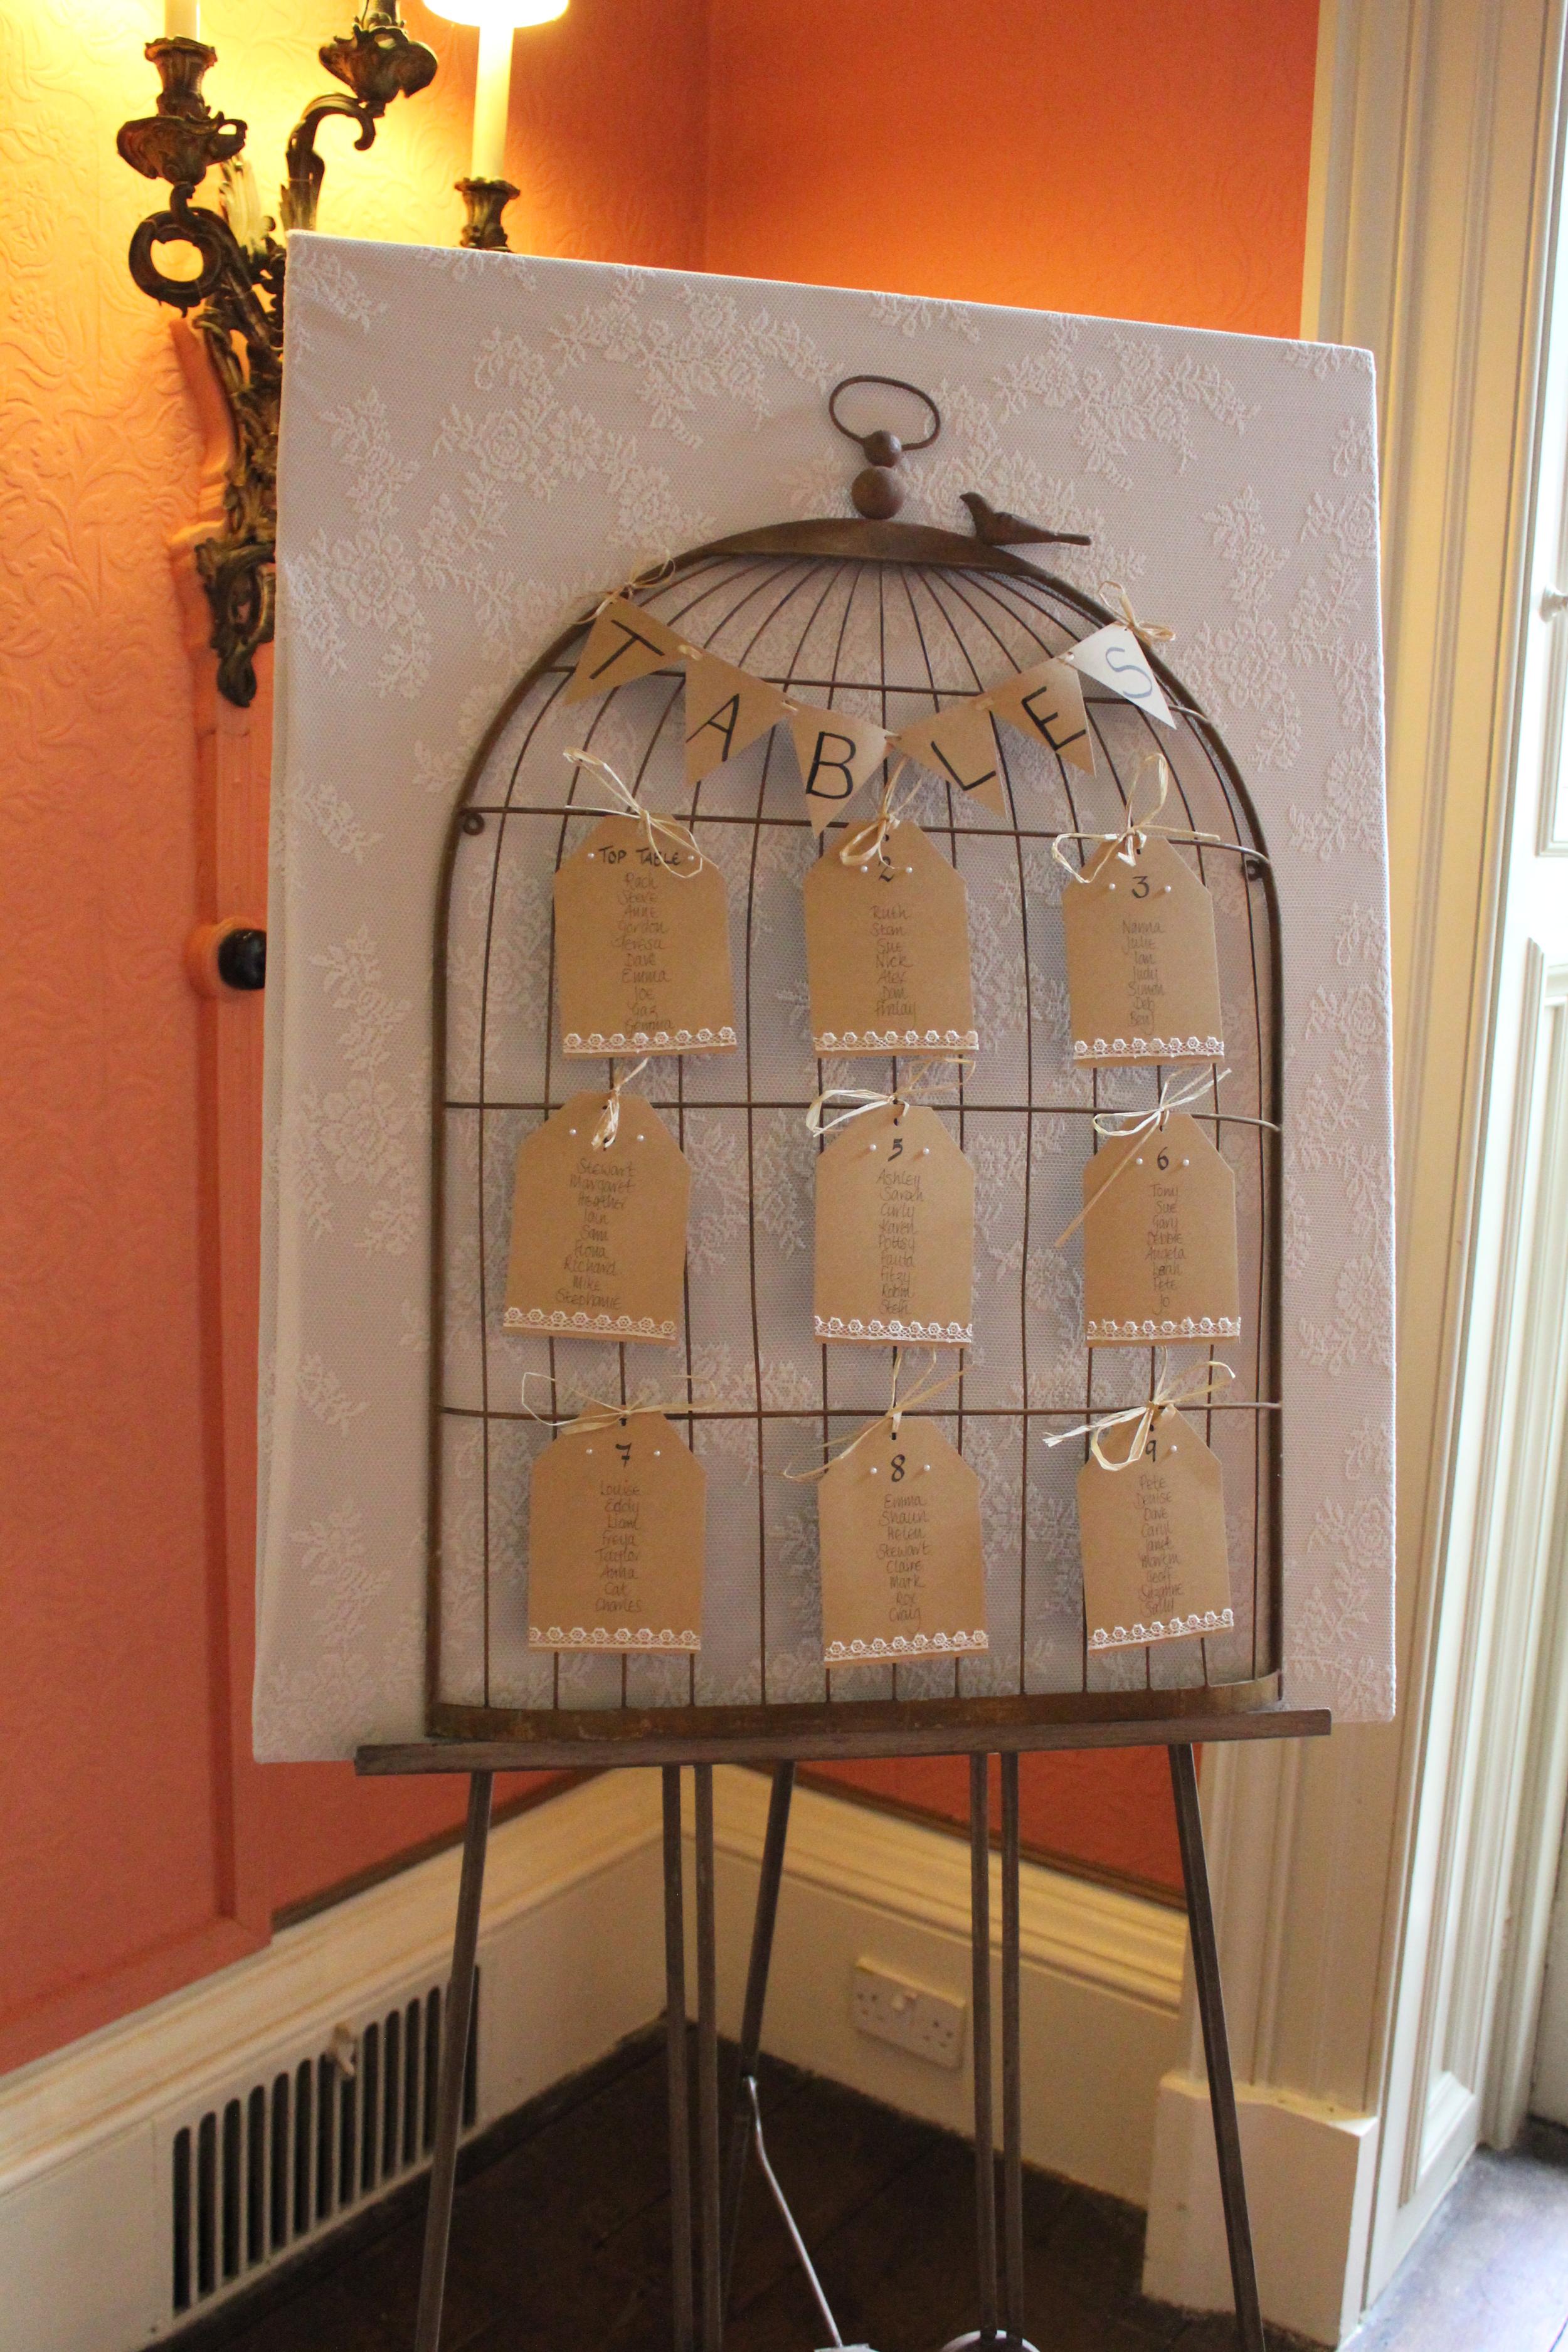 Birdcage seating plan